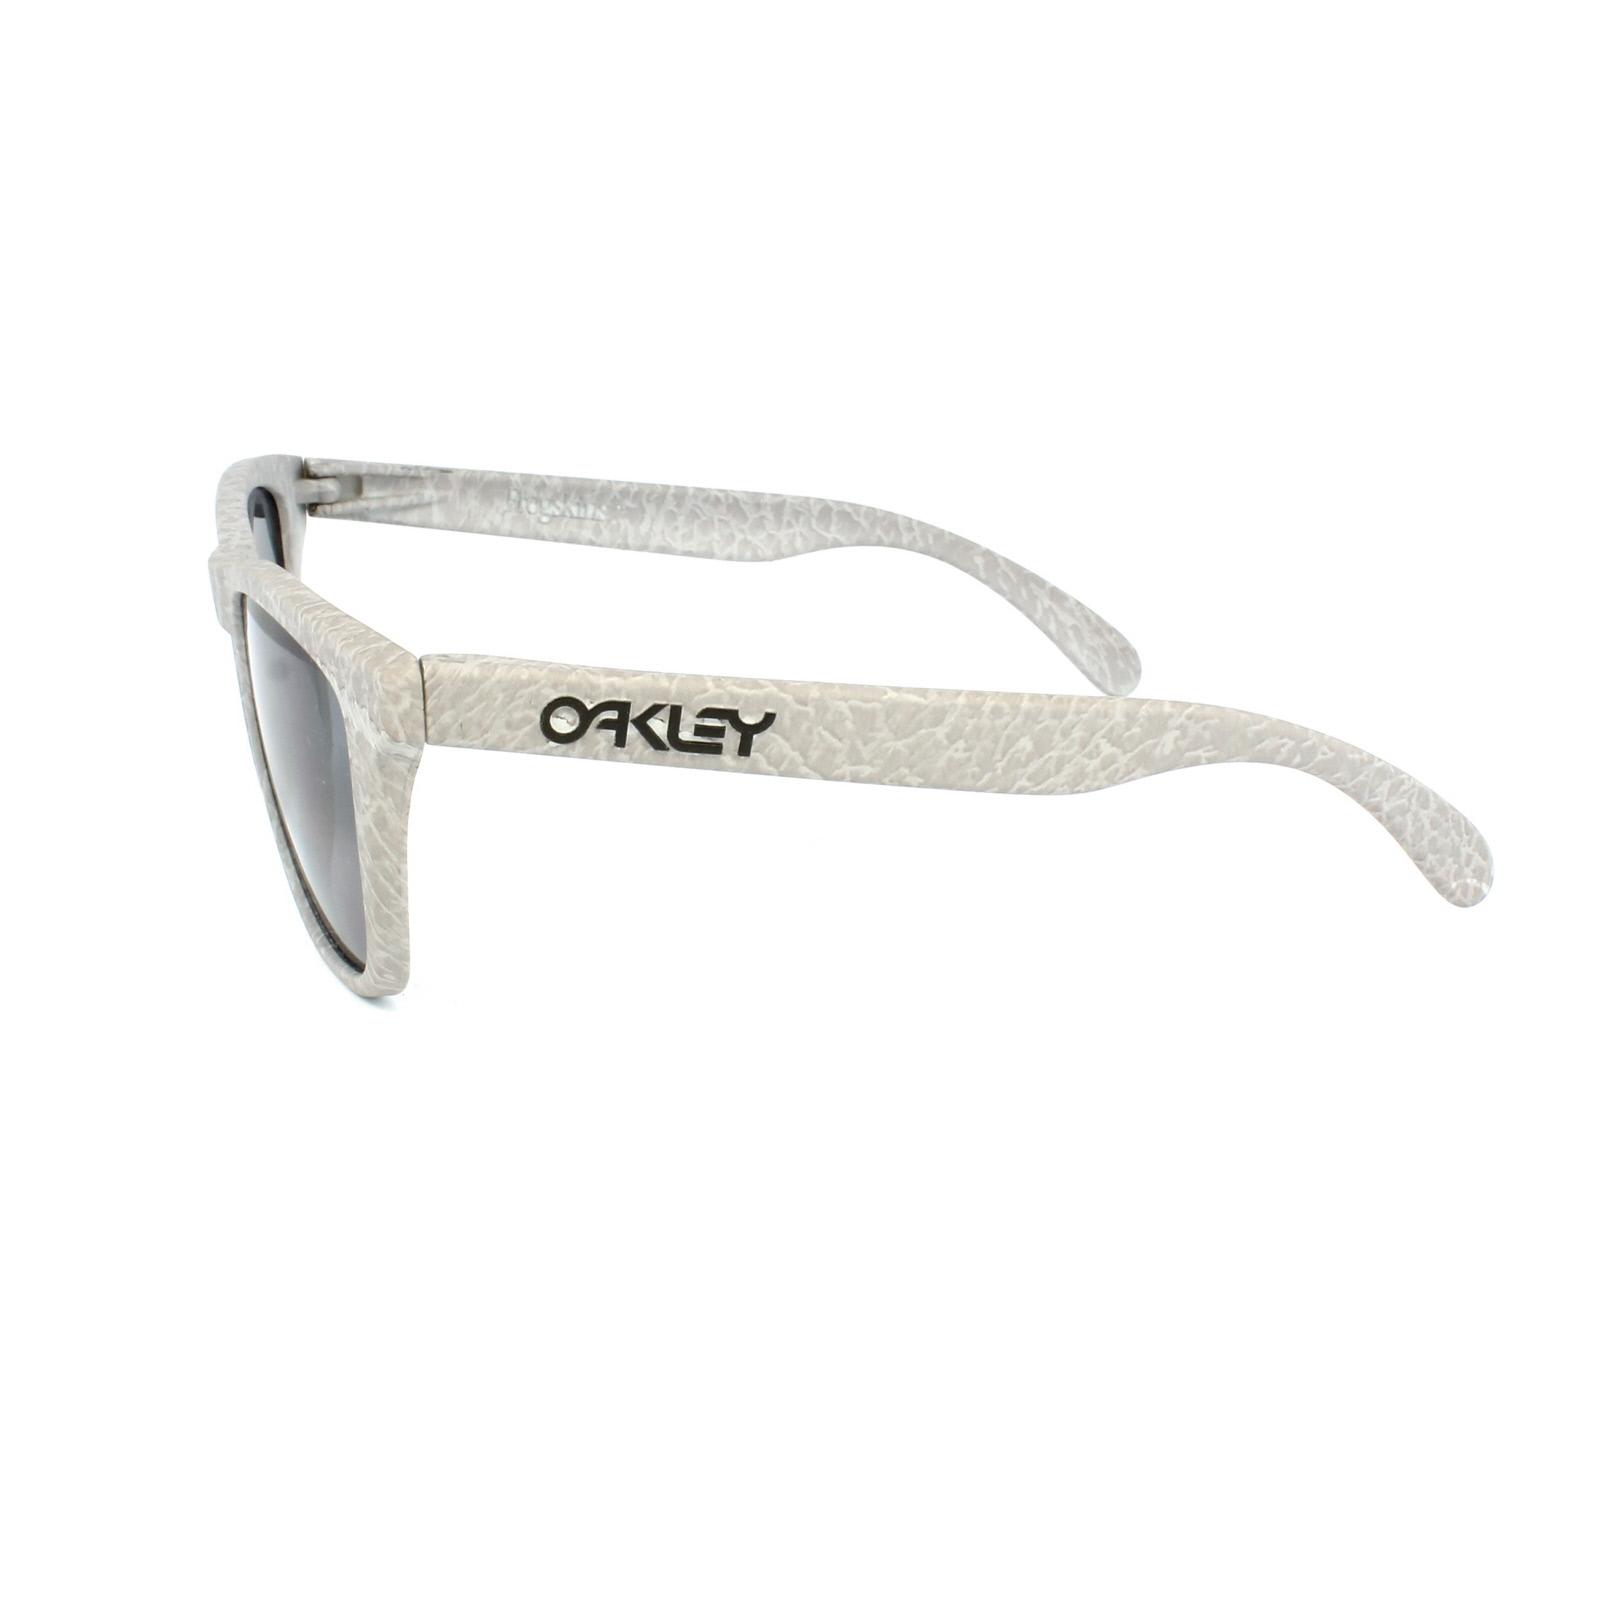 e0e6387b711 ... Oakley Sunglasses Frogskins OO9013-77 High Grade Smoke Grey Thumbnail 3  ...